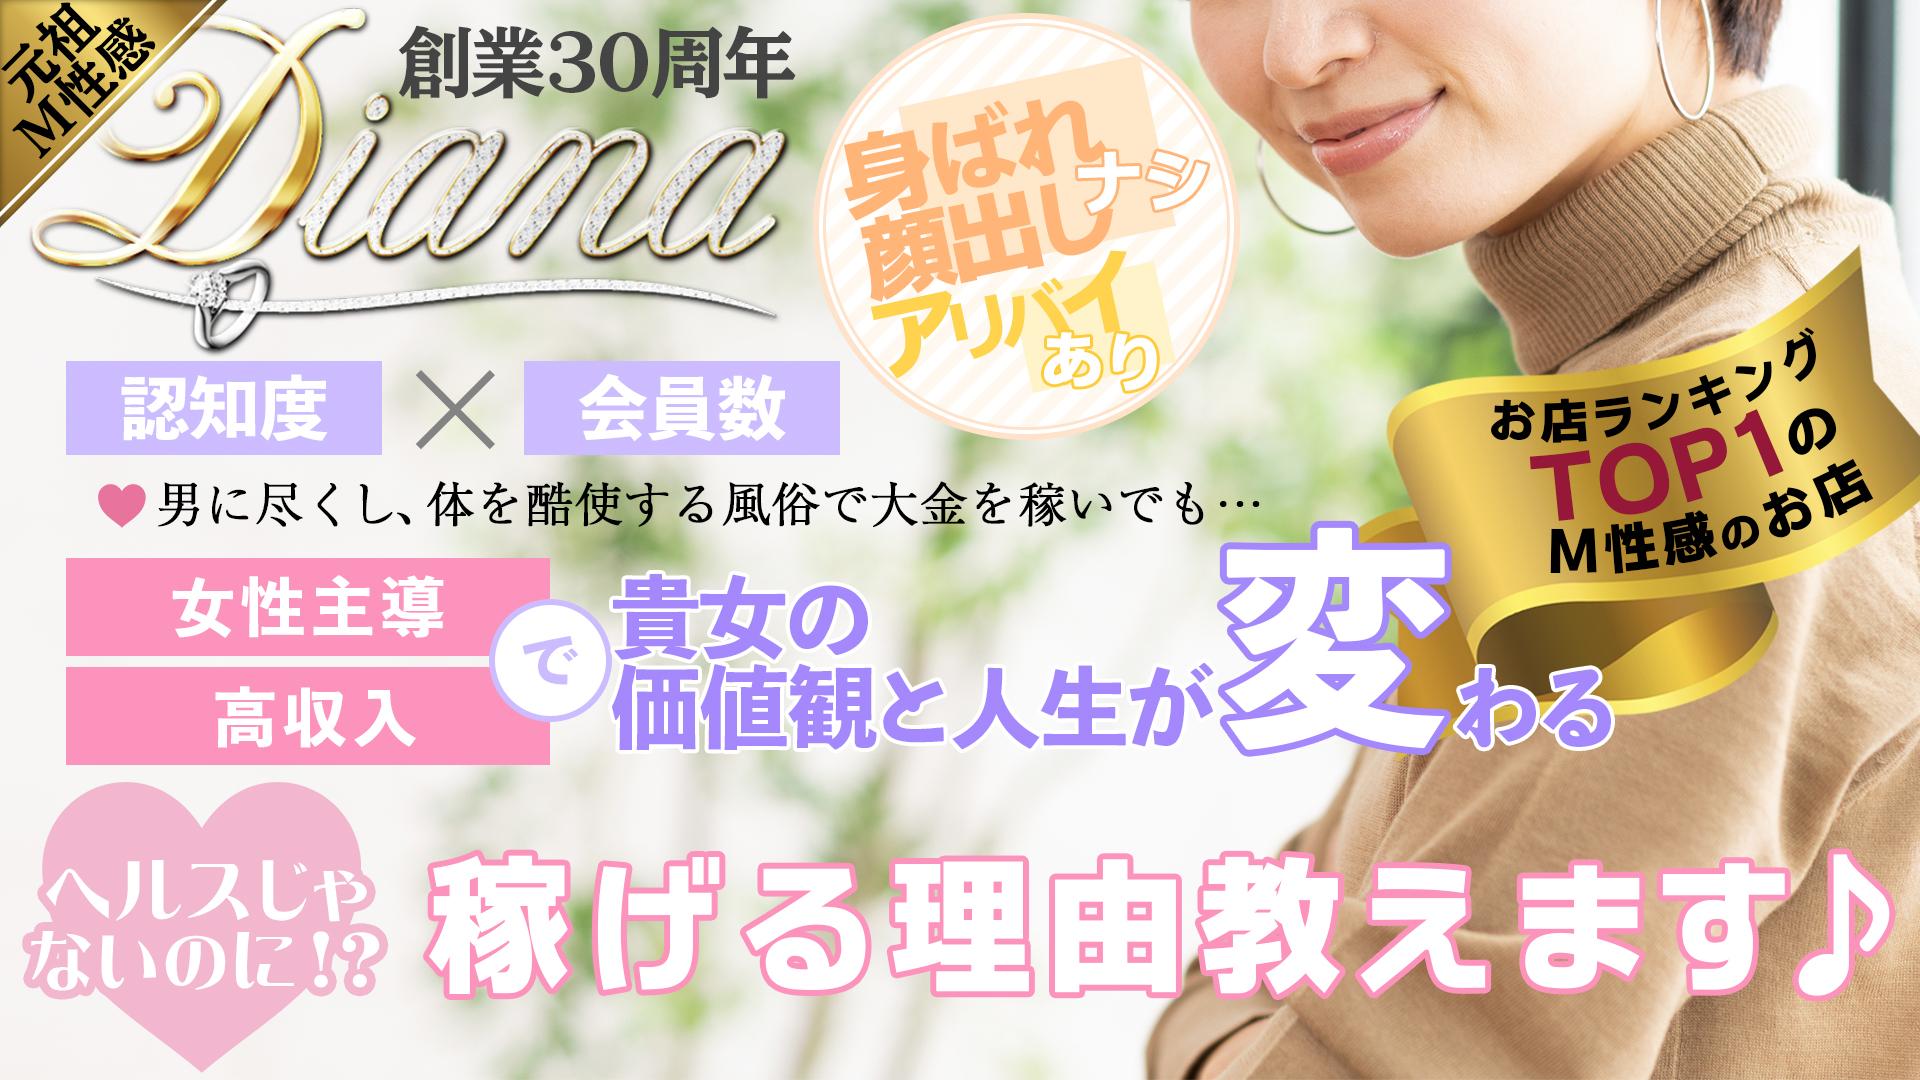 渋谷M性感「ダイアナ」の求人画像